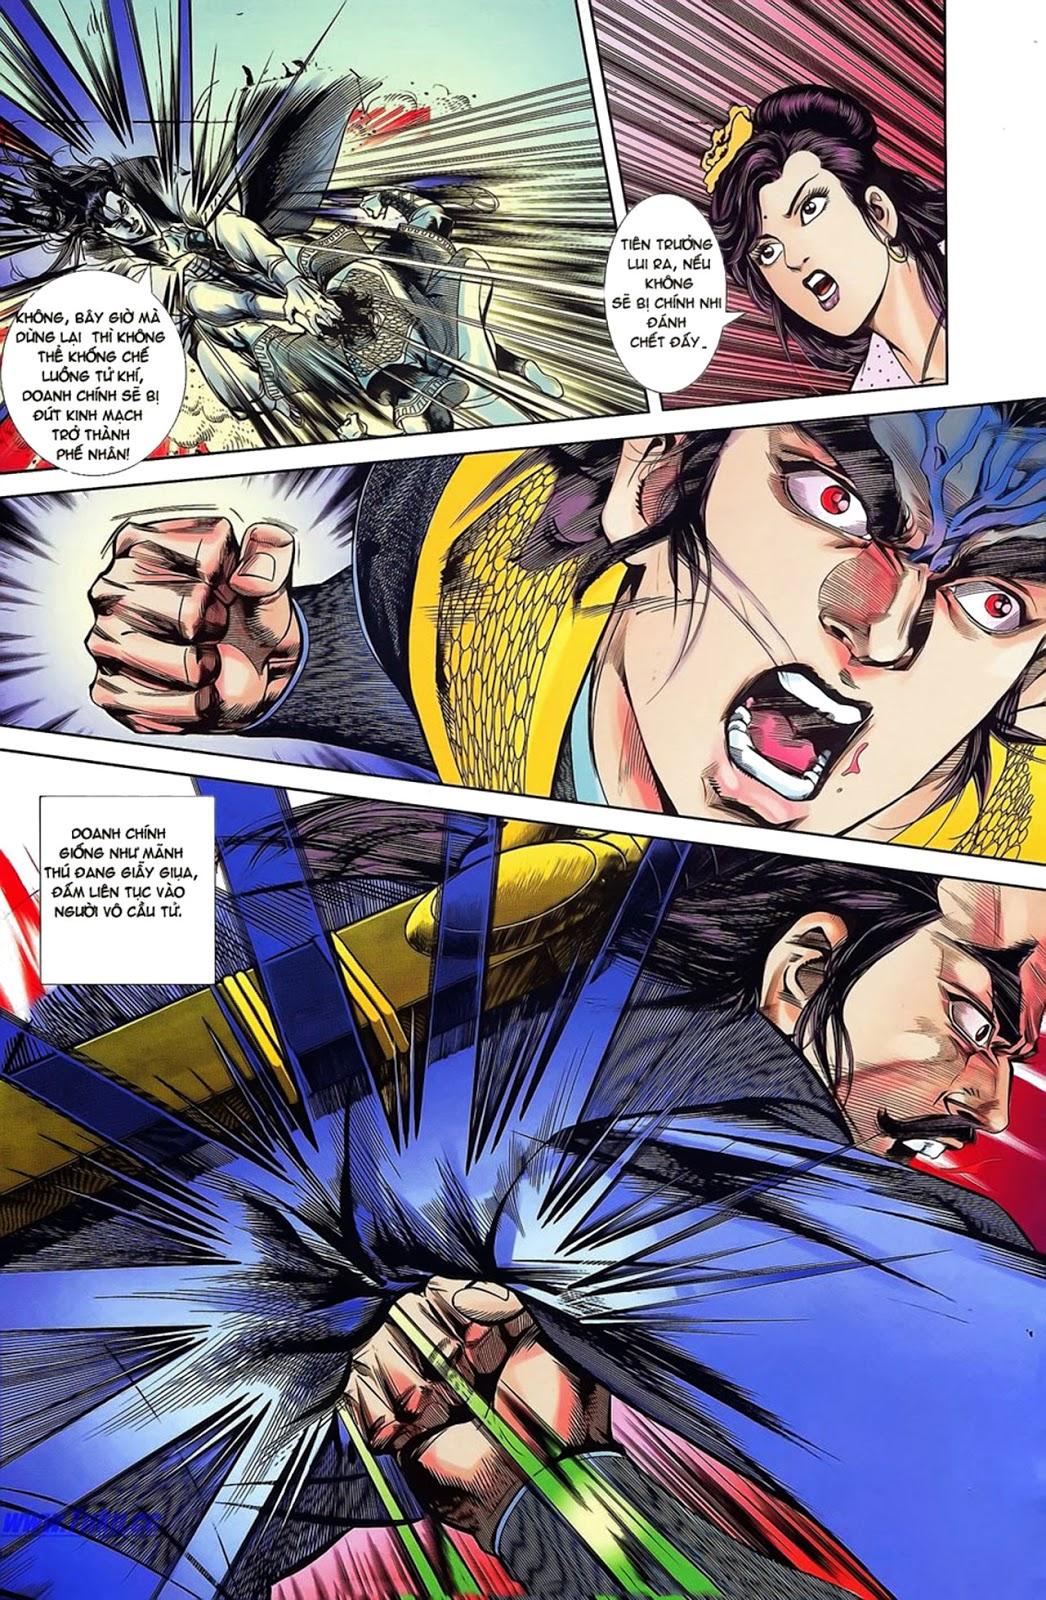 Tần Vương Doanh Chính chapter 15 trang 27